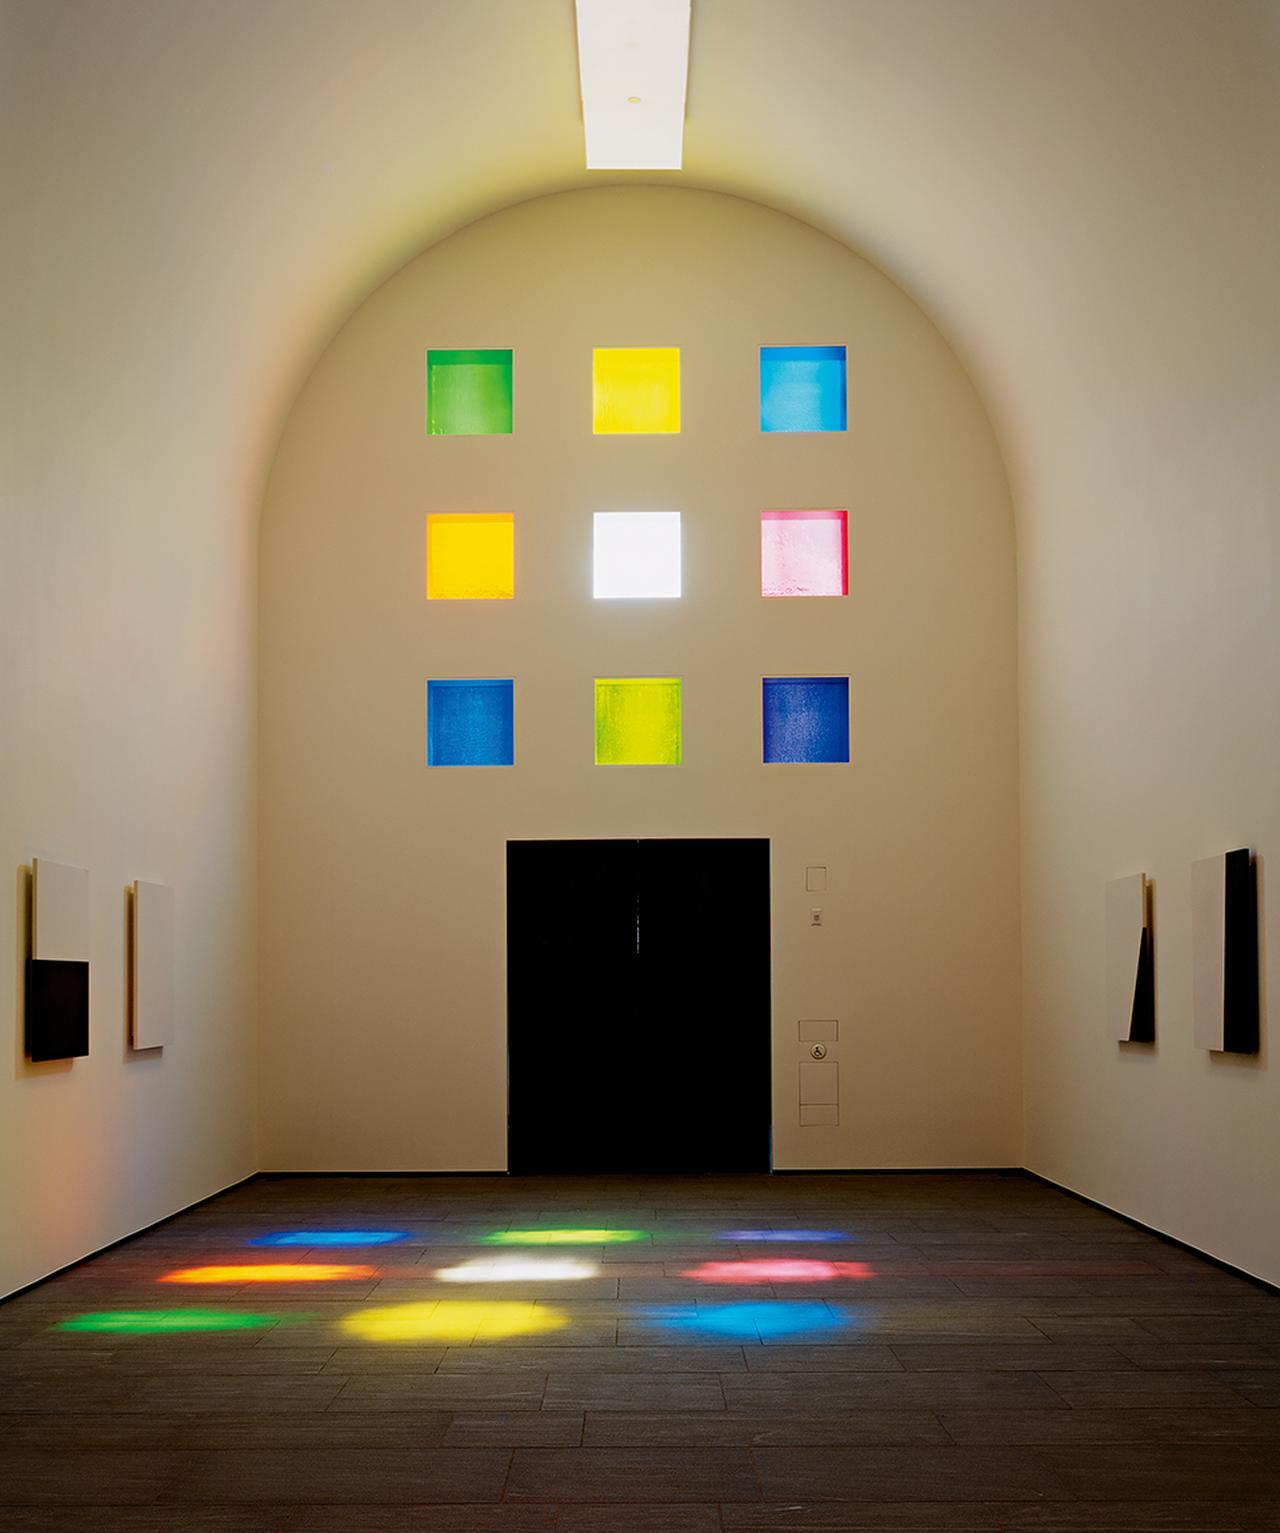 Images : 1番目の画像 - 「形と色を追求したアーティスト エルズワース・ケリーが遺した 「光の寺院」」のアルバム - T JAPAN:The New York Times Style Magazine 公式サイト